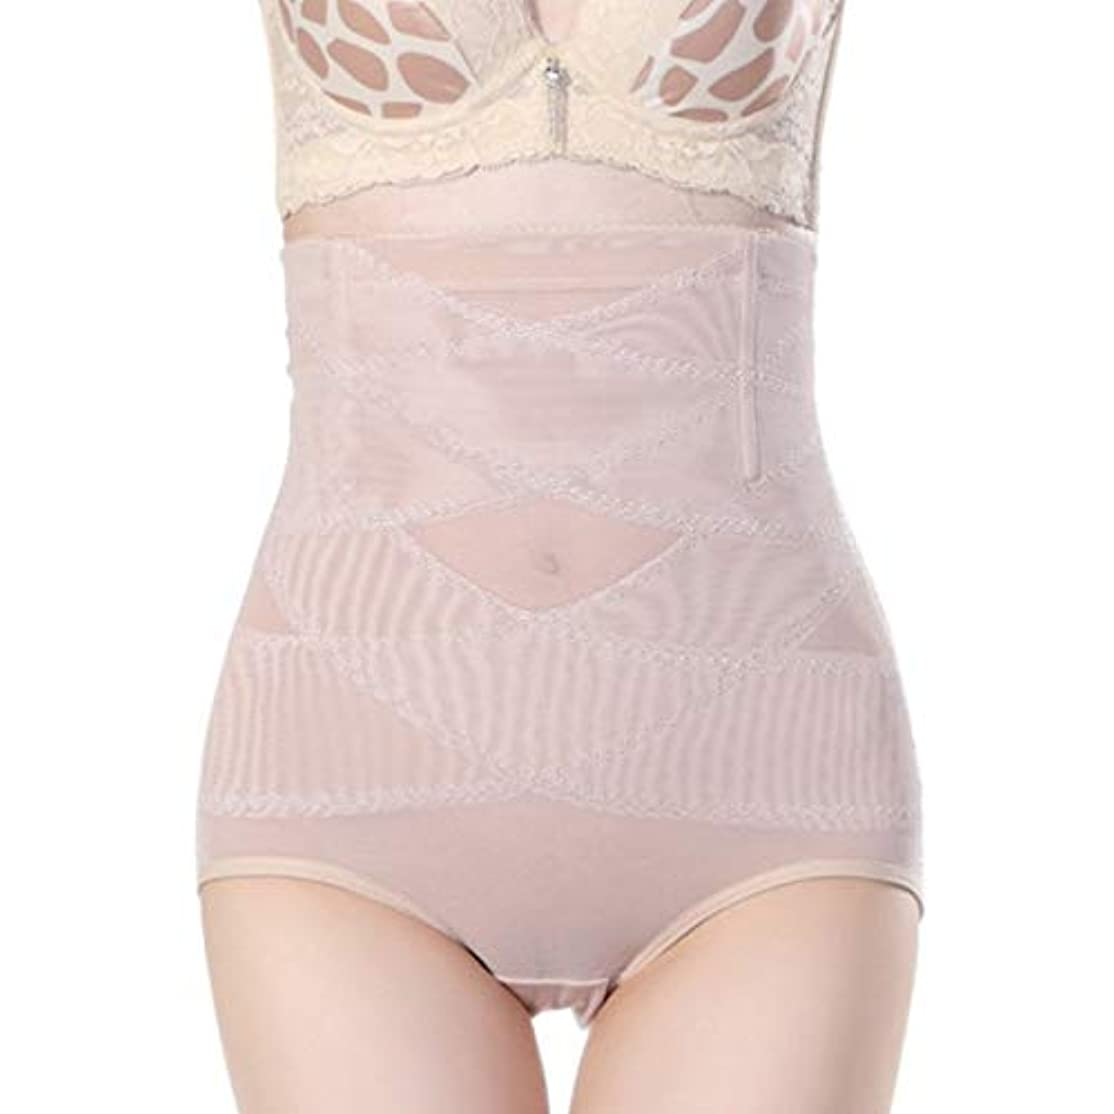 腹部制御下着シームレスおなかコントロールパンティーバットリフターボディシェイパーを痩身通気性のハイウエストの女性 - 肌色L